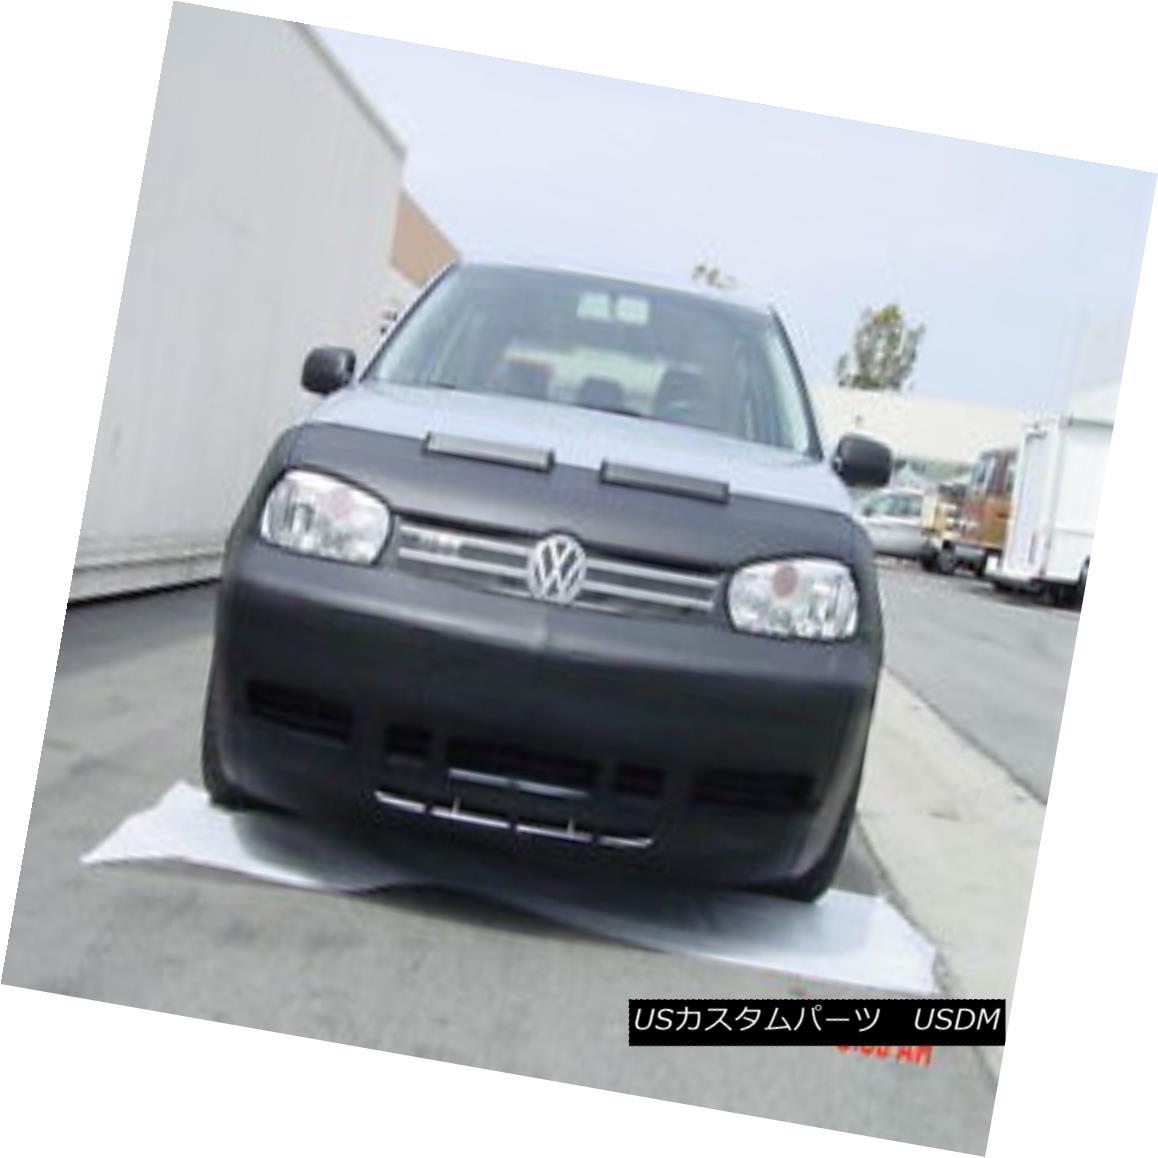 フルブラ ノーズブラ Colgan Front End Mask Bra 2pc. Fits VW Golf, GL,GLS,GTI & TDI 1999-2004 W/O Tag コルガンフロントエンドマスクブラ2pc VWゴルフ、GL、GLS、GTI& TDI 1999-2004 W / Oタグ